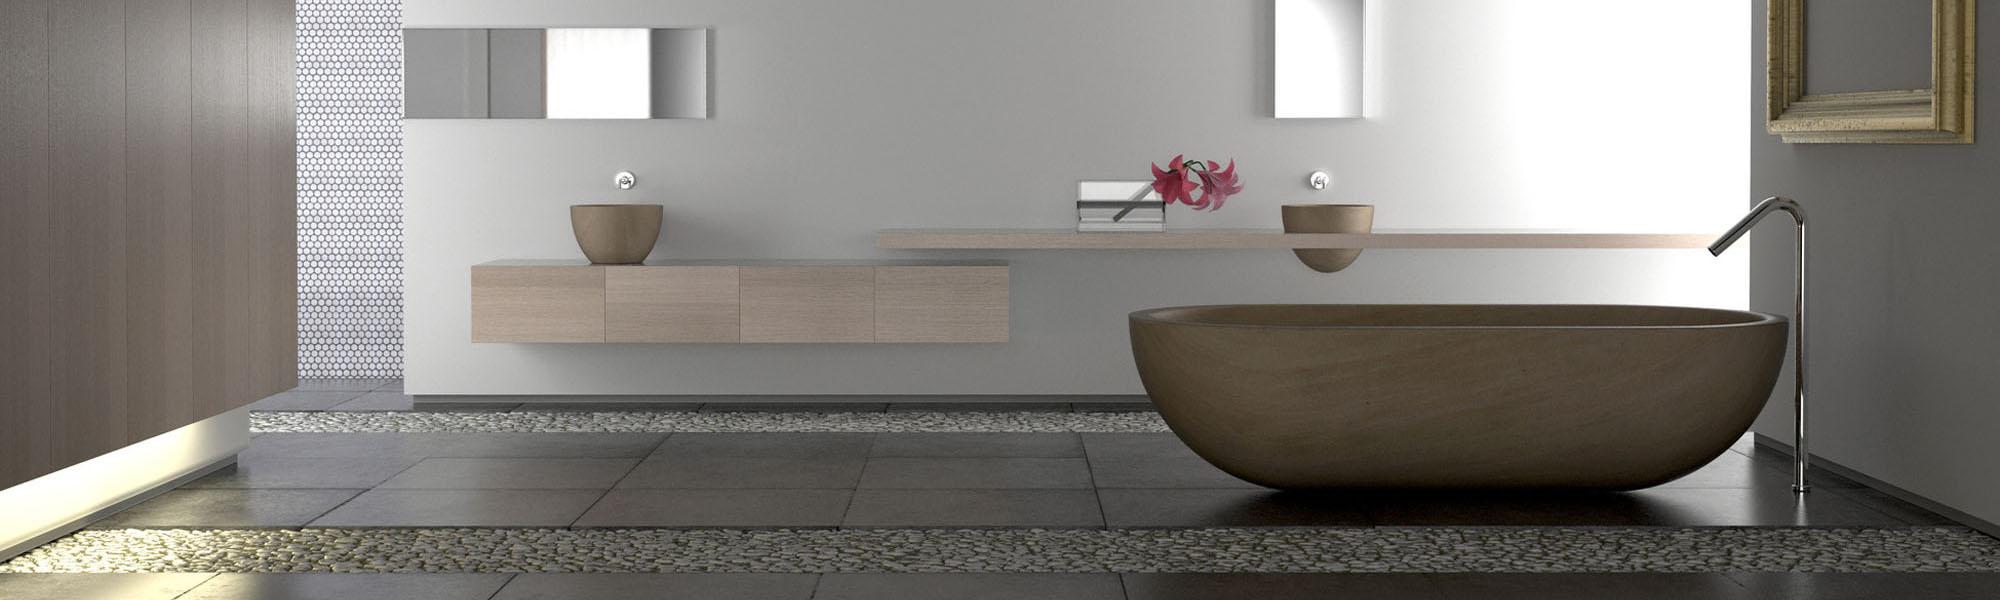 Salle de bain r novation en aveyron 12 bcd concept for Ou est la salle de bain